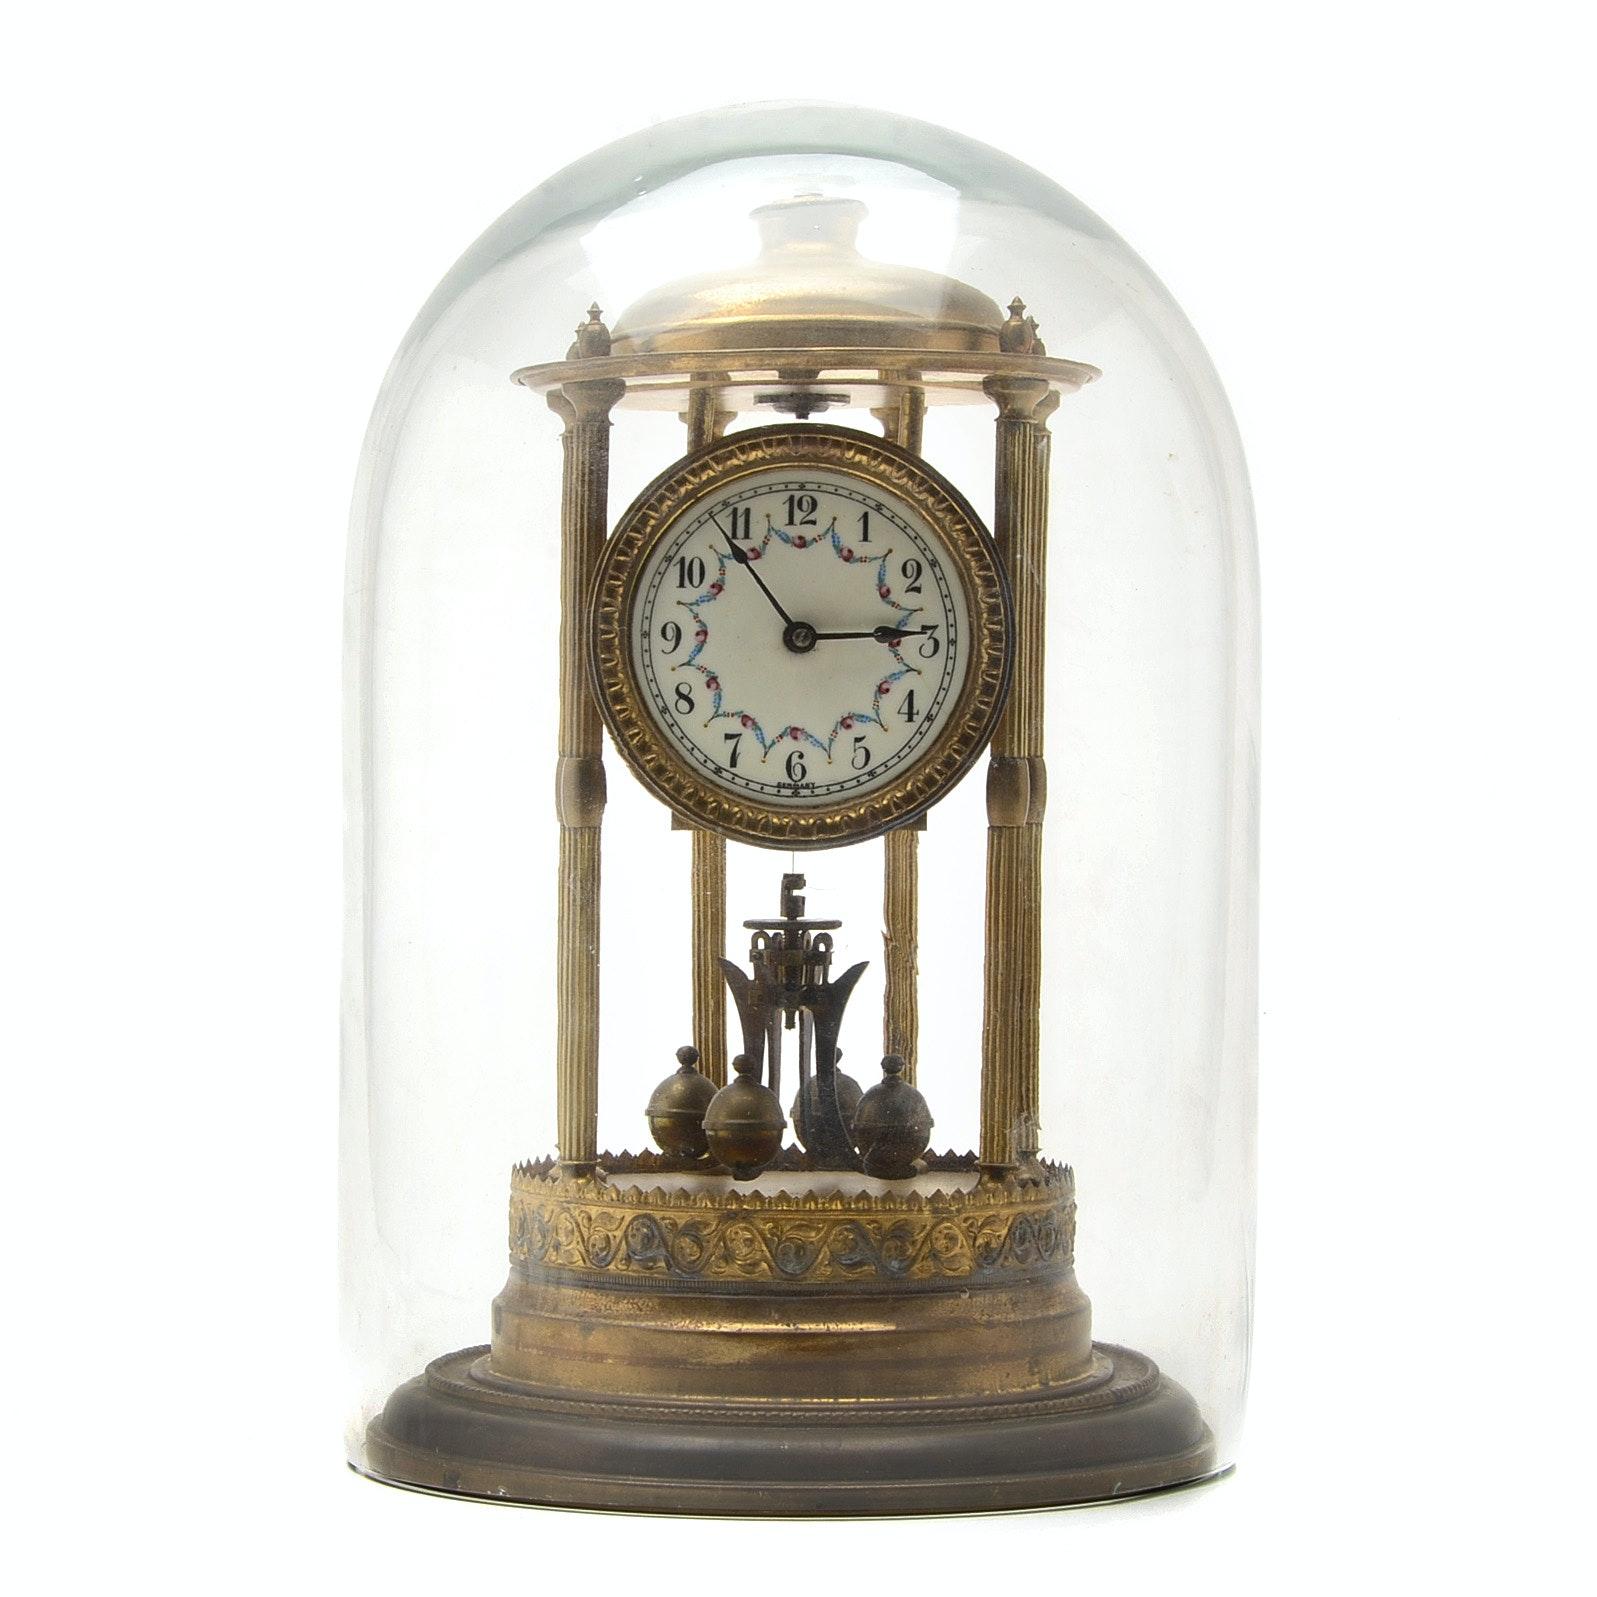 Kieninger & Obergfell German Anniversary Dome Clock